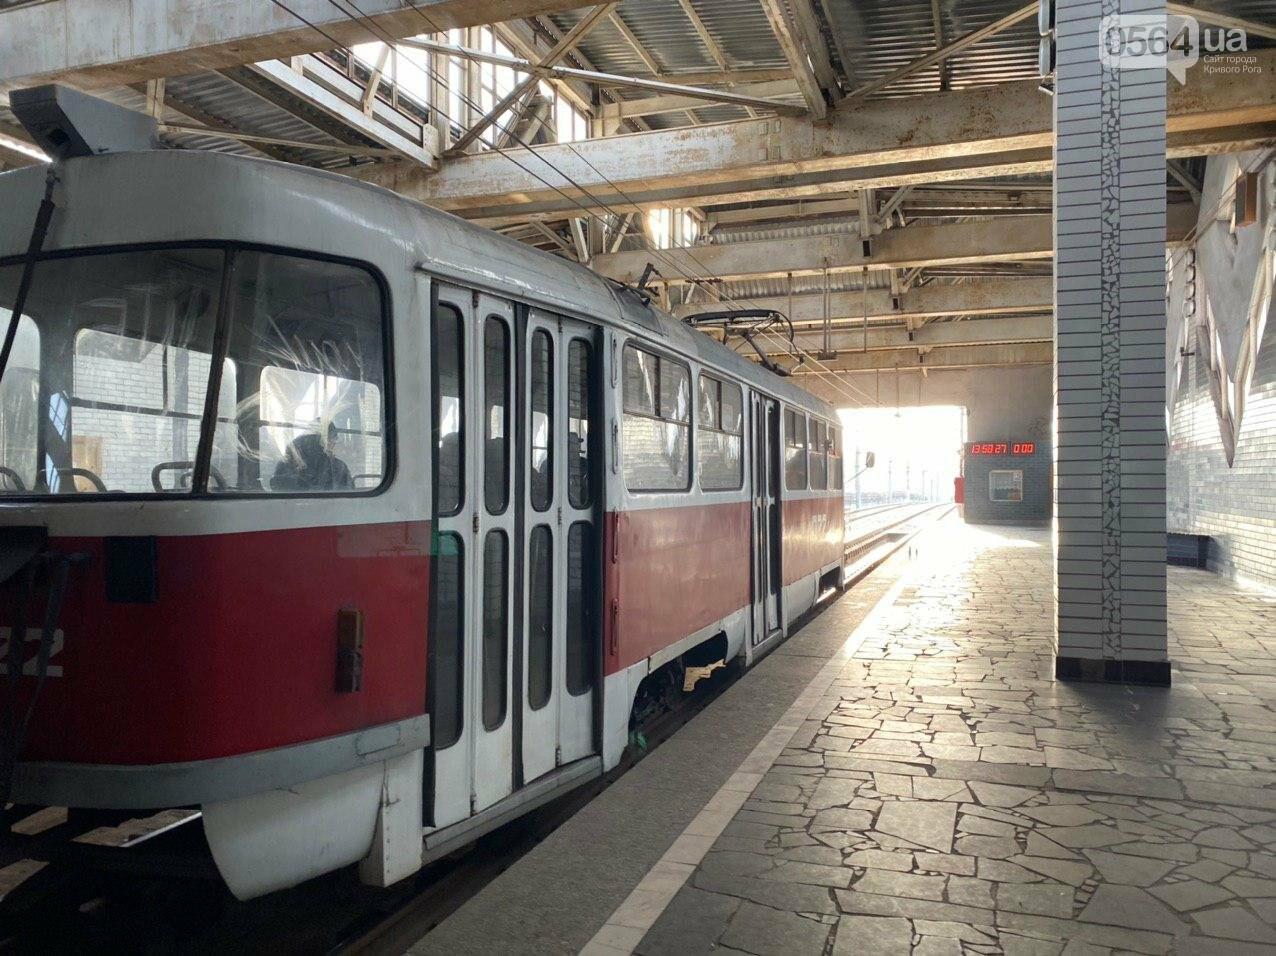 В Кривом Роге полностью остановилось движение скоростного трамвая, - ФОТО , фото-4